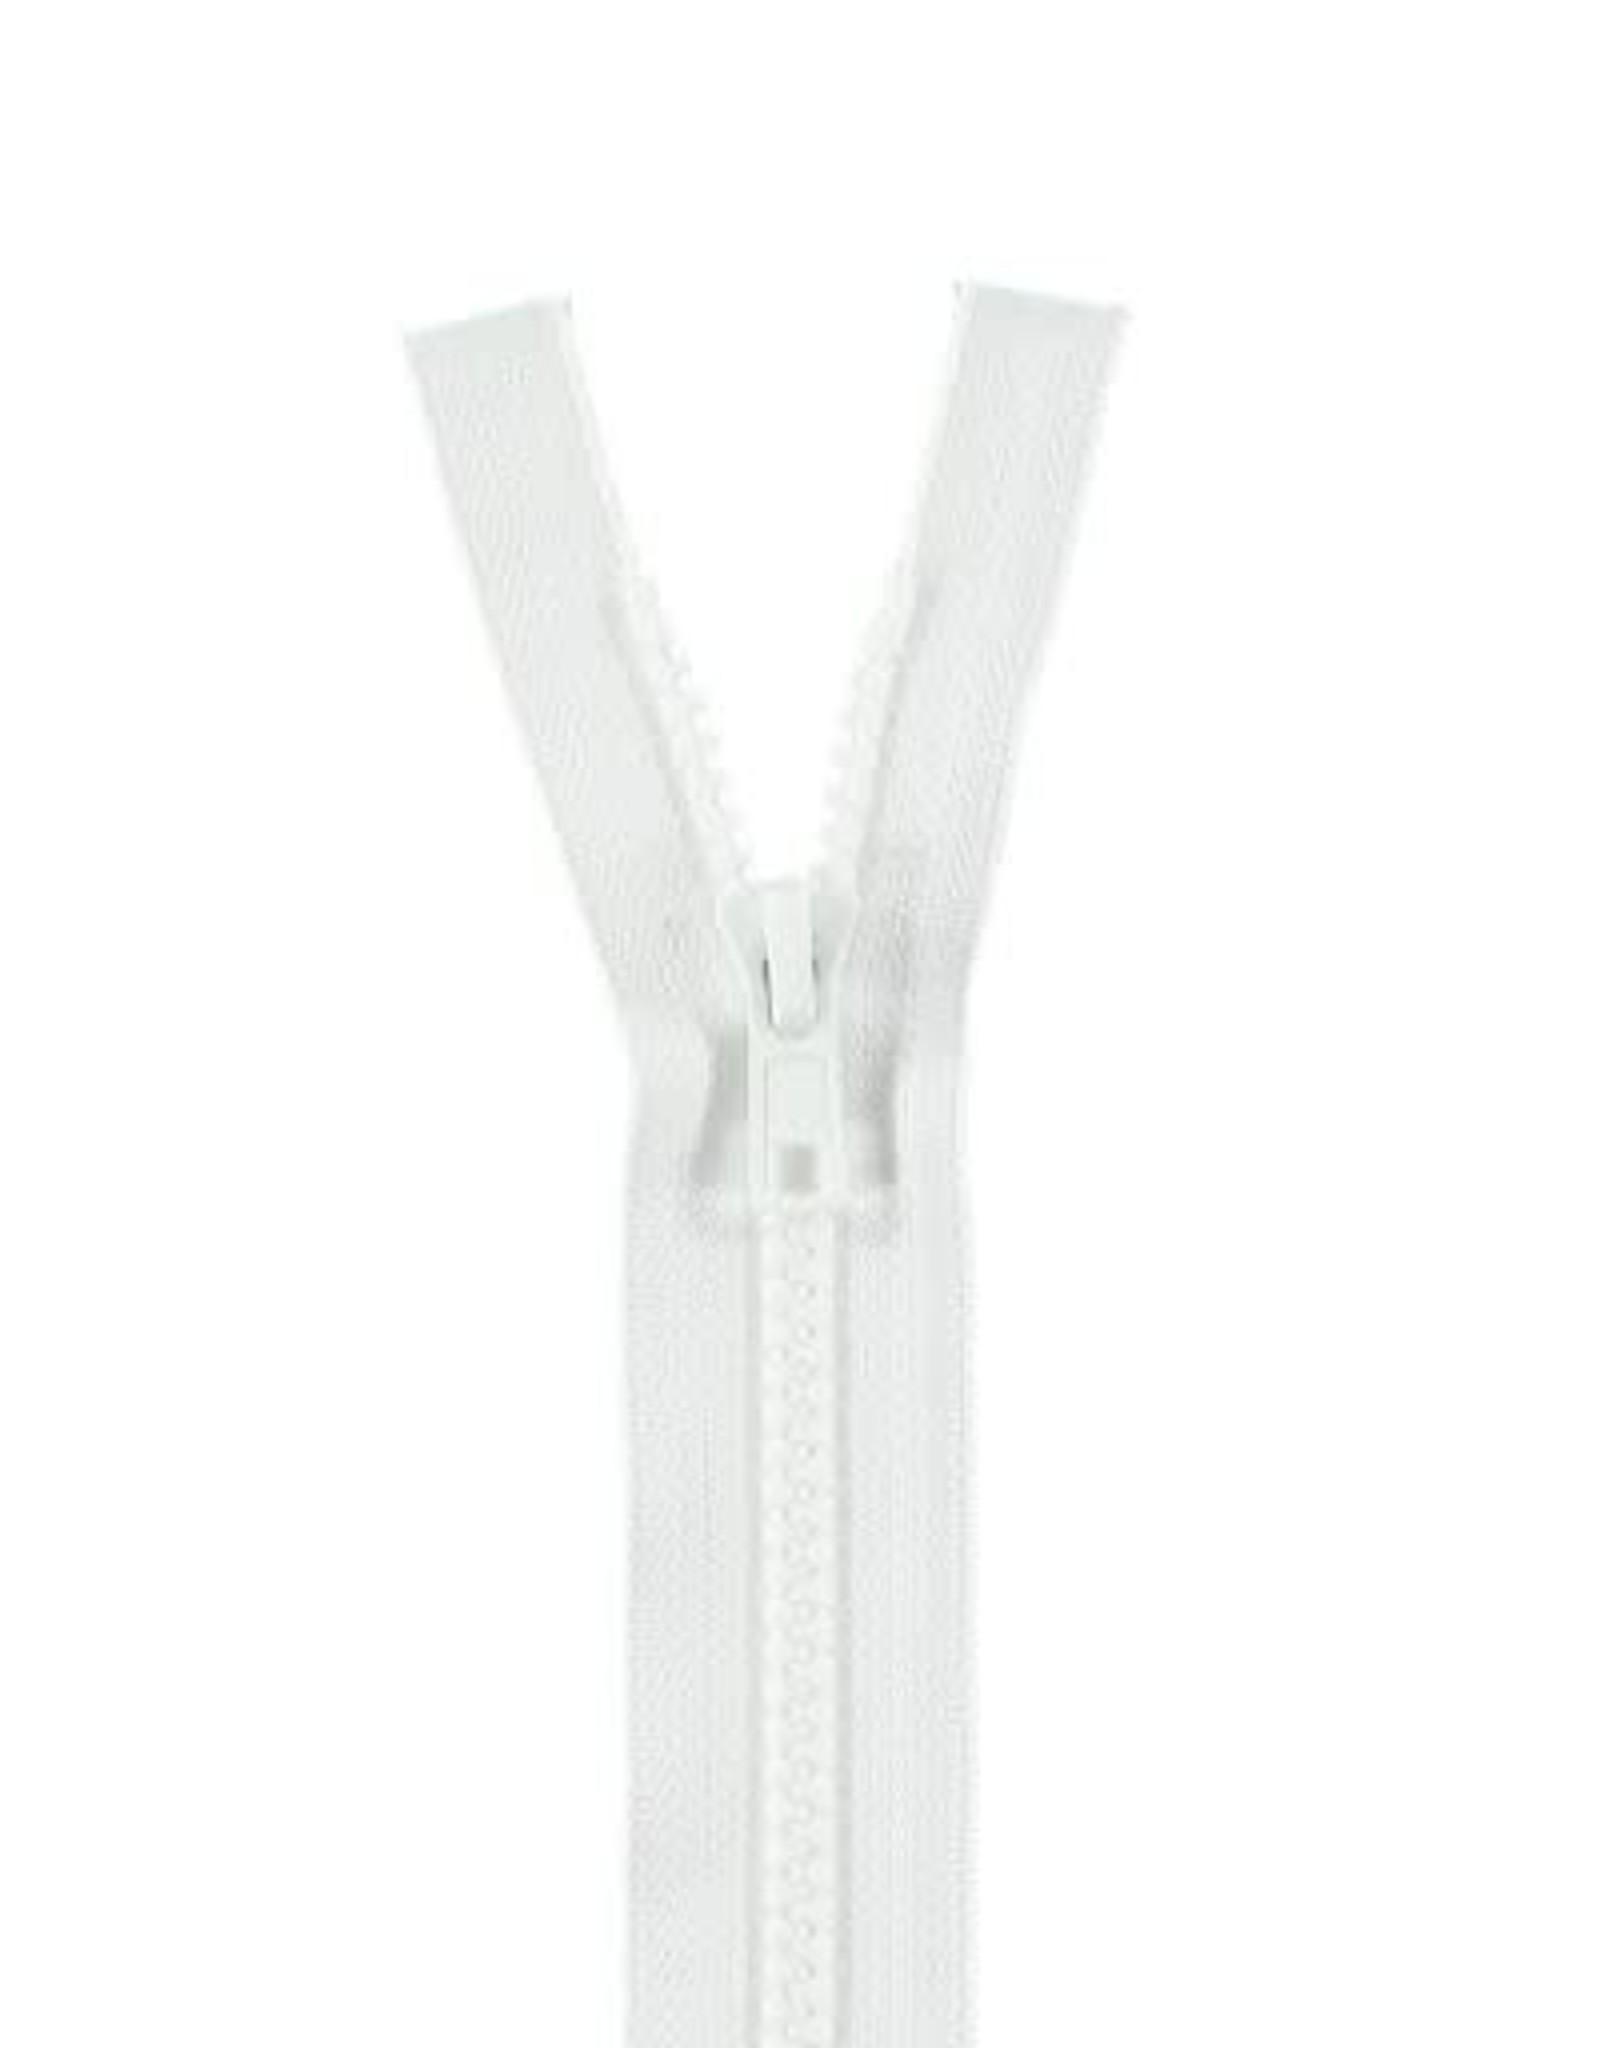 YKK BLOKRITS 5 DEELBAAR wit 501-70cm